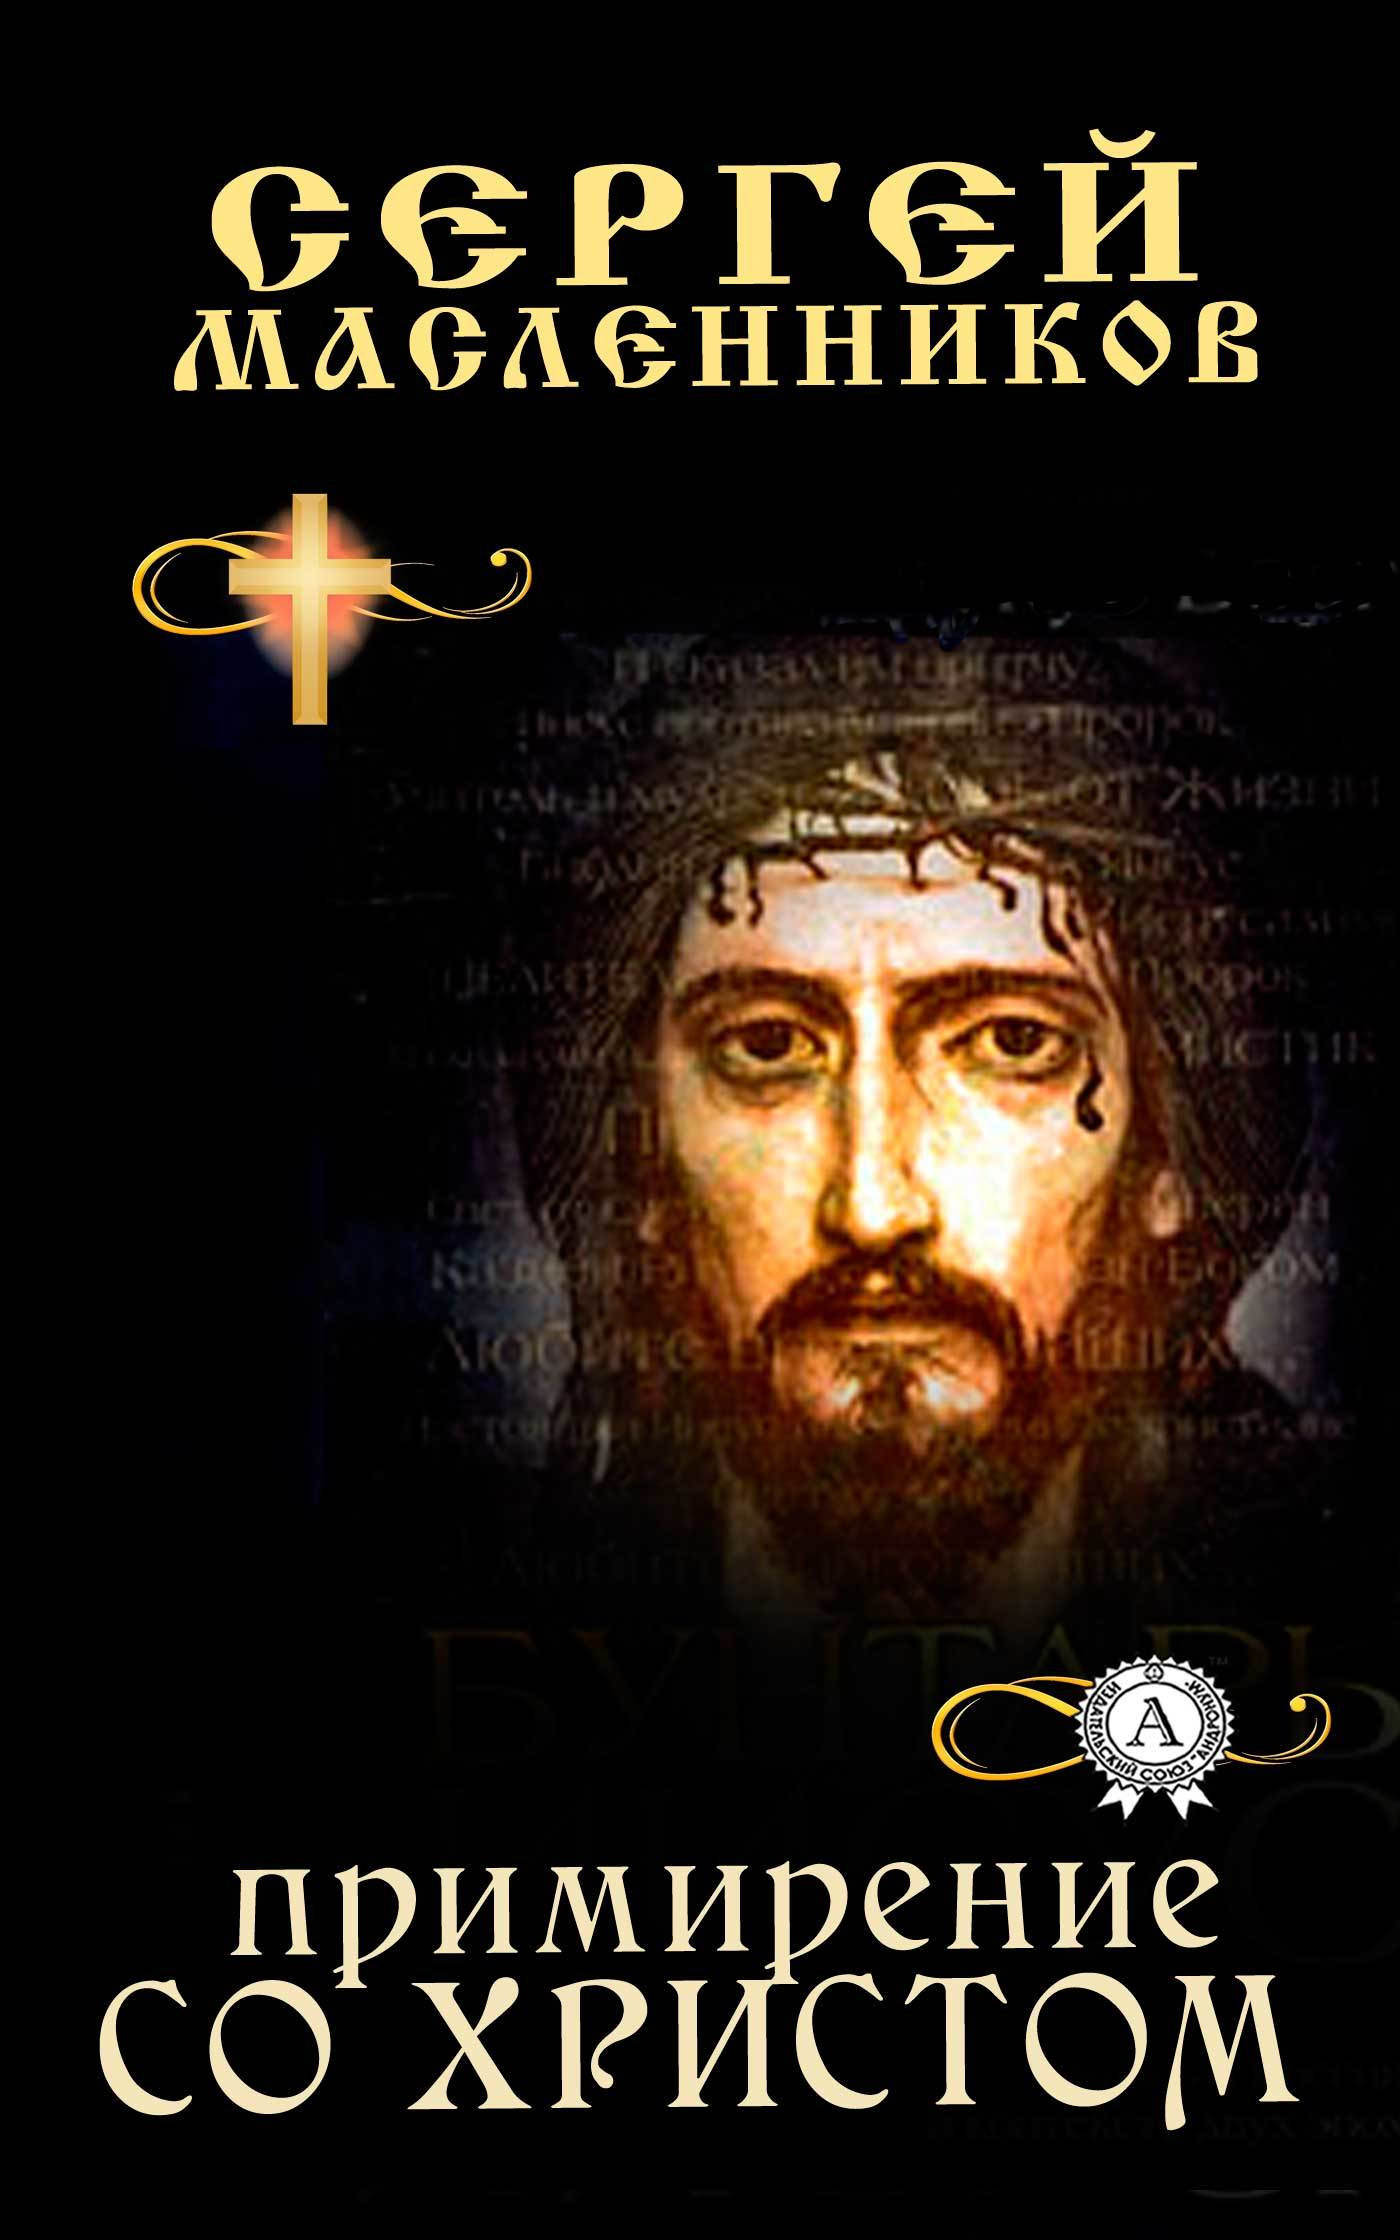 Скачать Примирение со Христом бесплатно Сергей Масленников